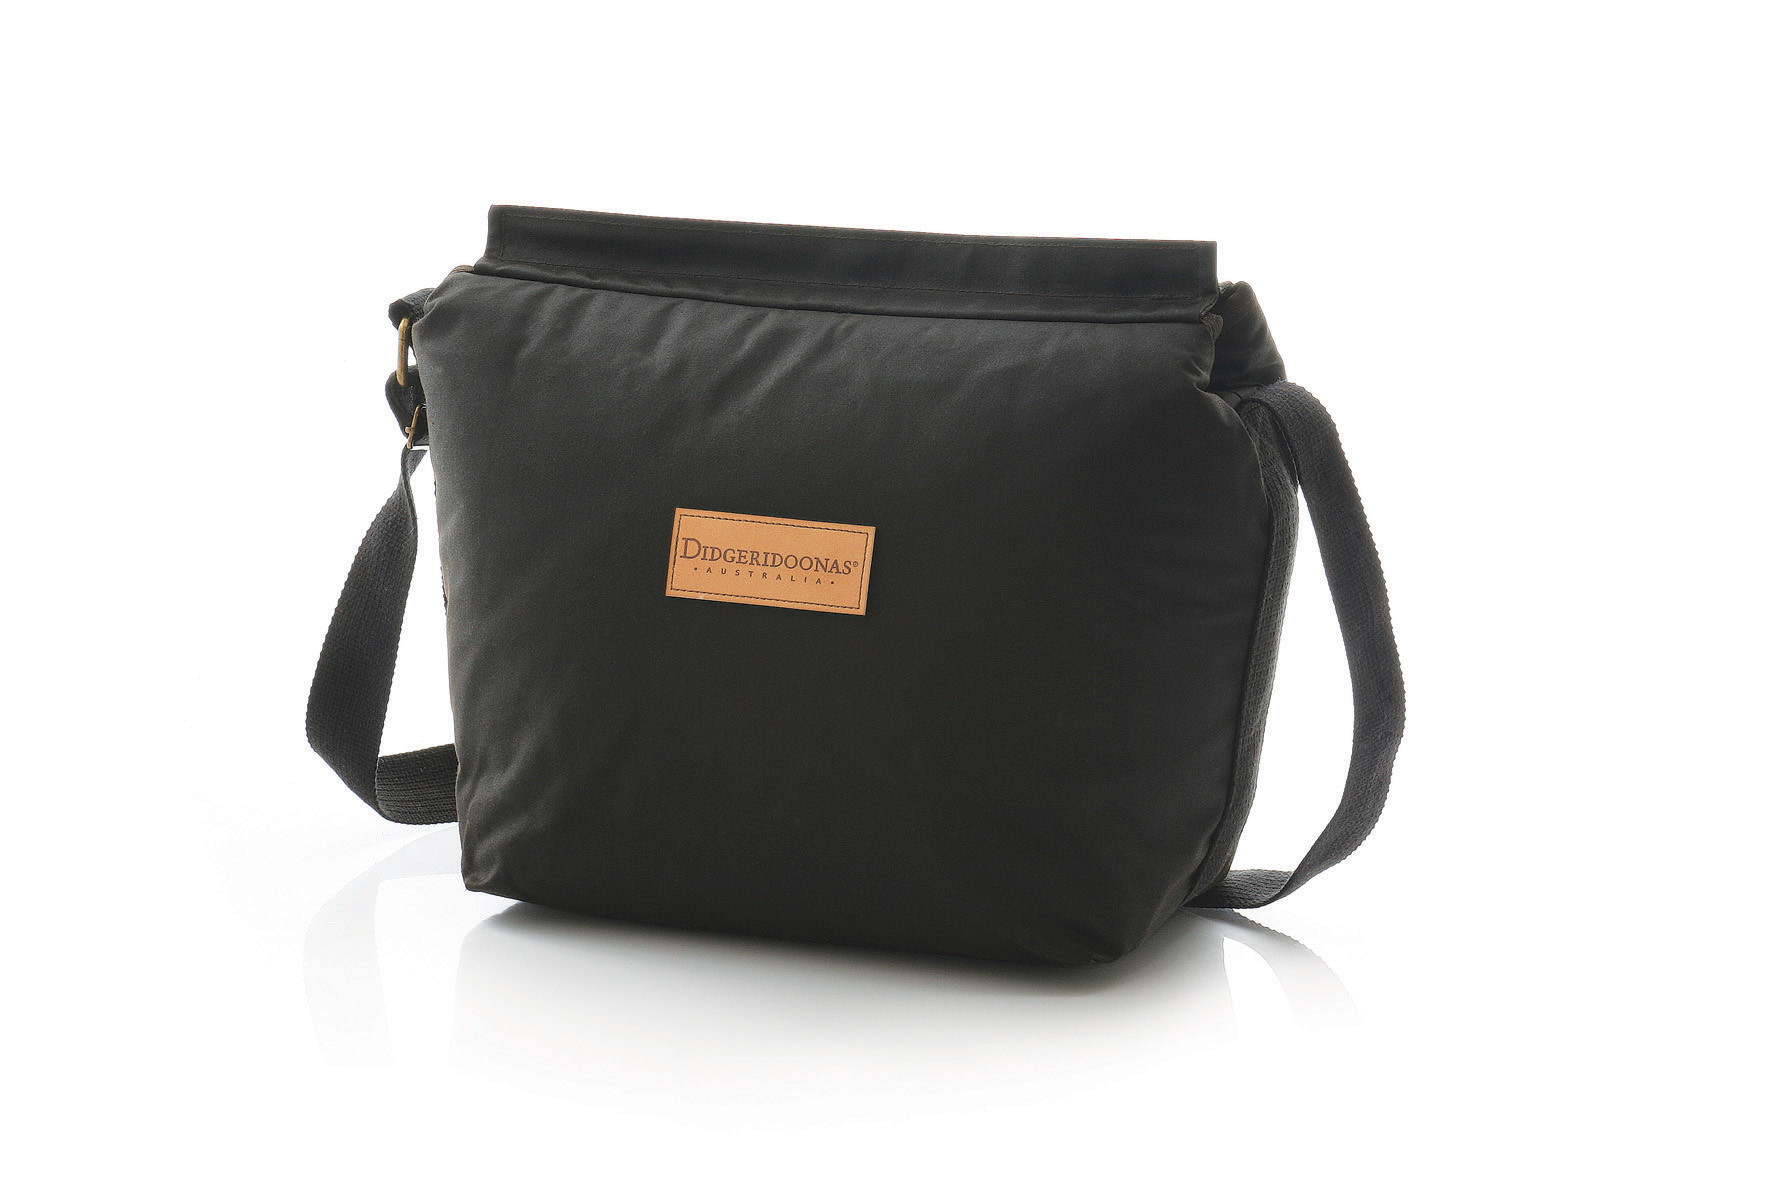 The Australian Tucker Bag